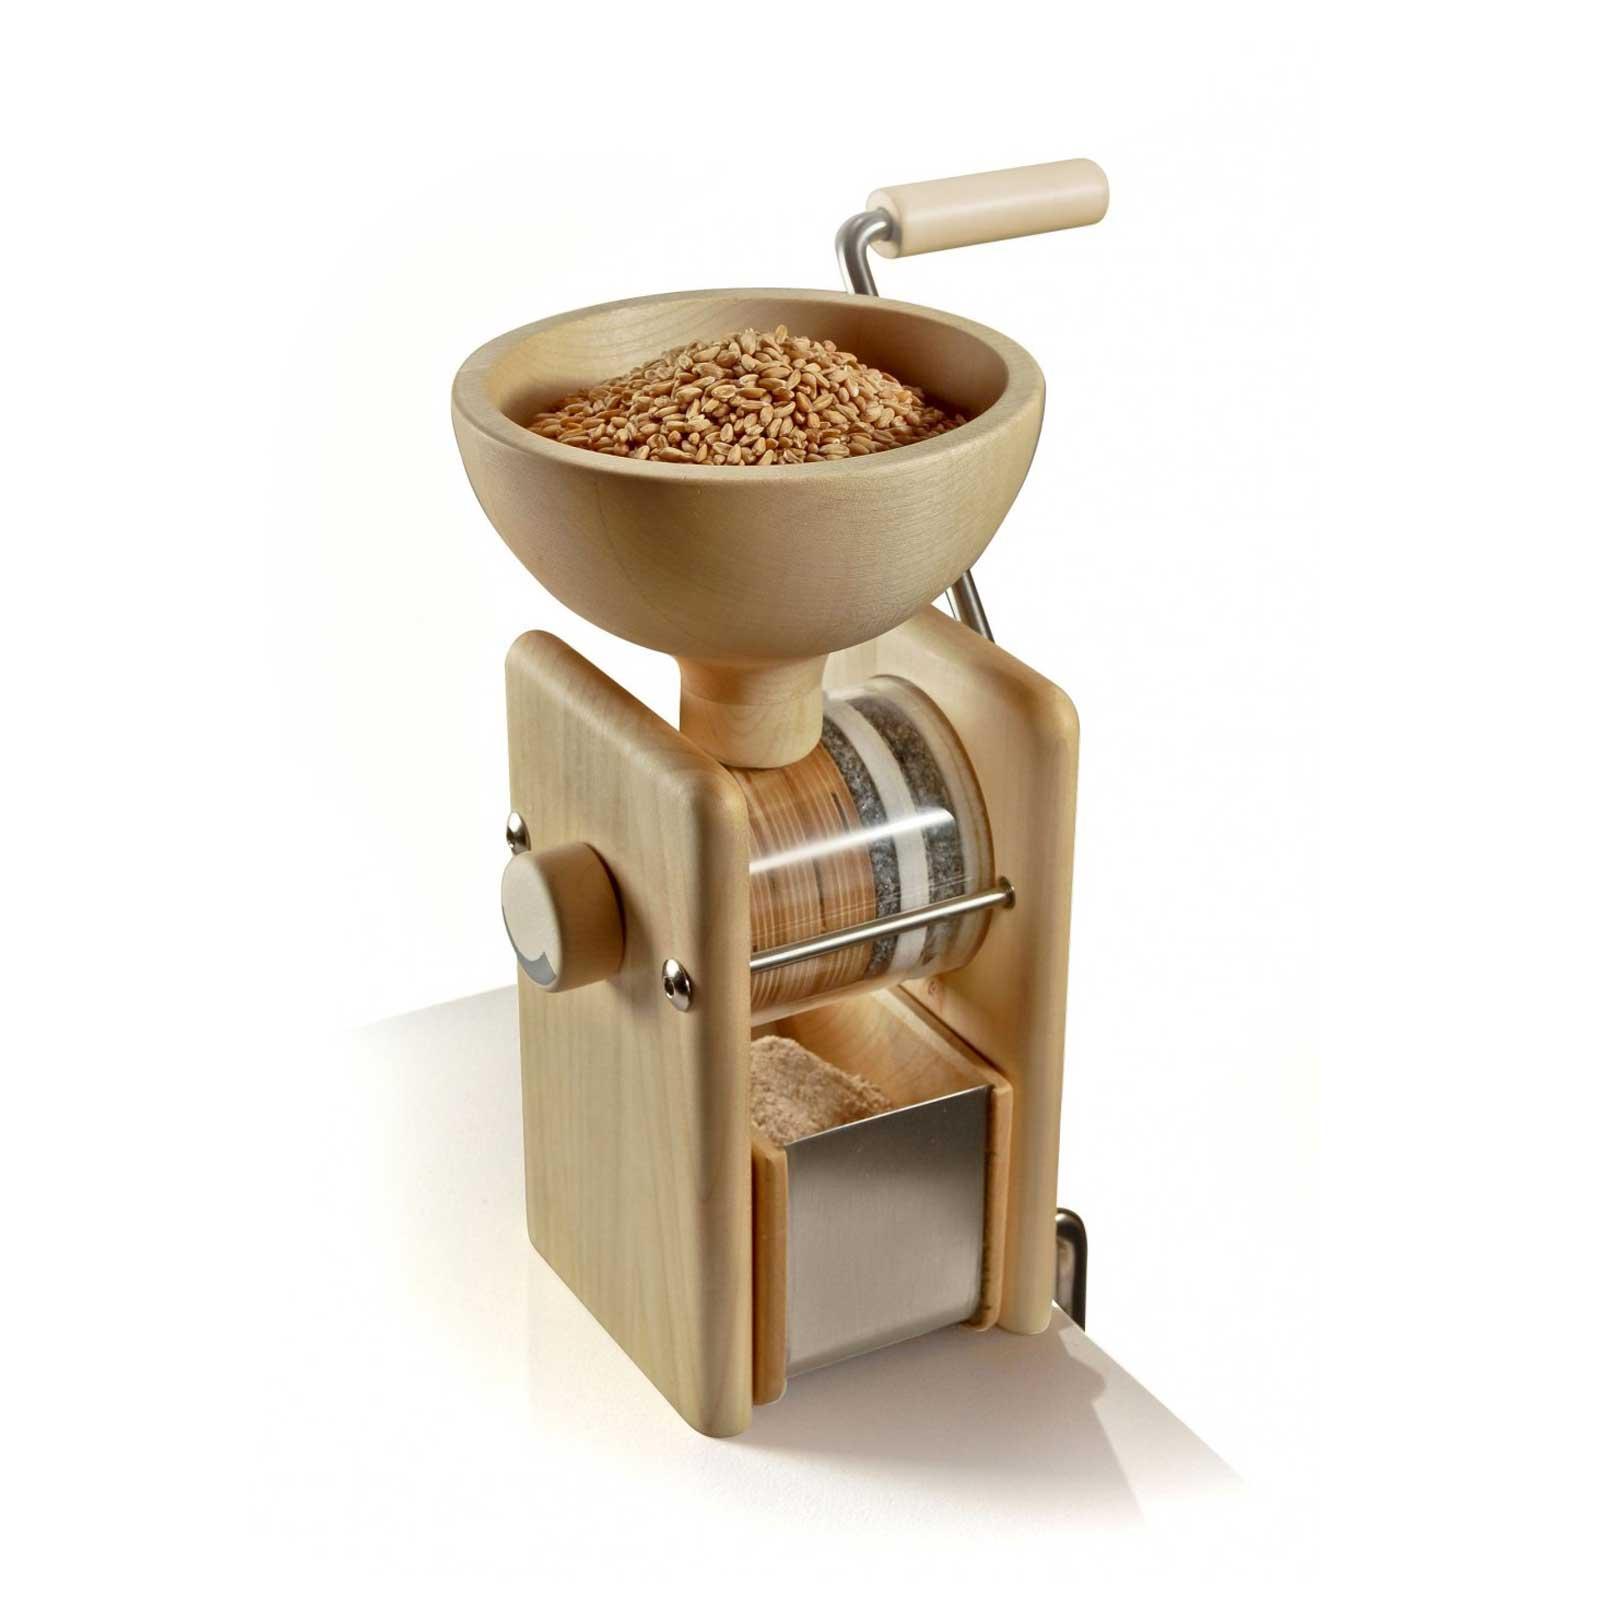 Кофемолка своими руками: конструкция, инструкция